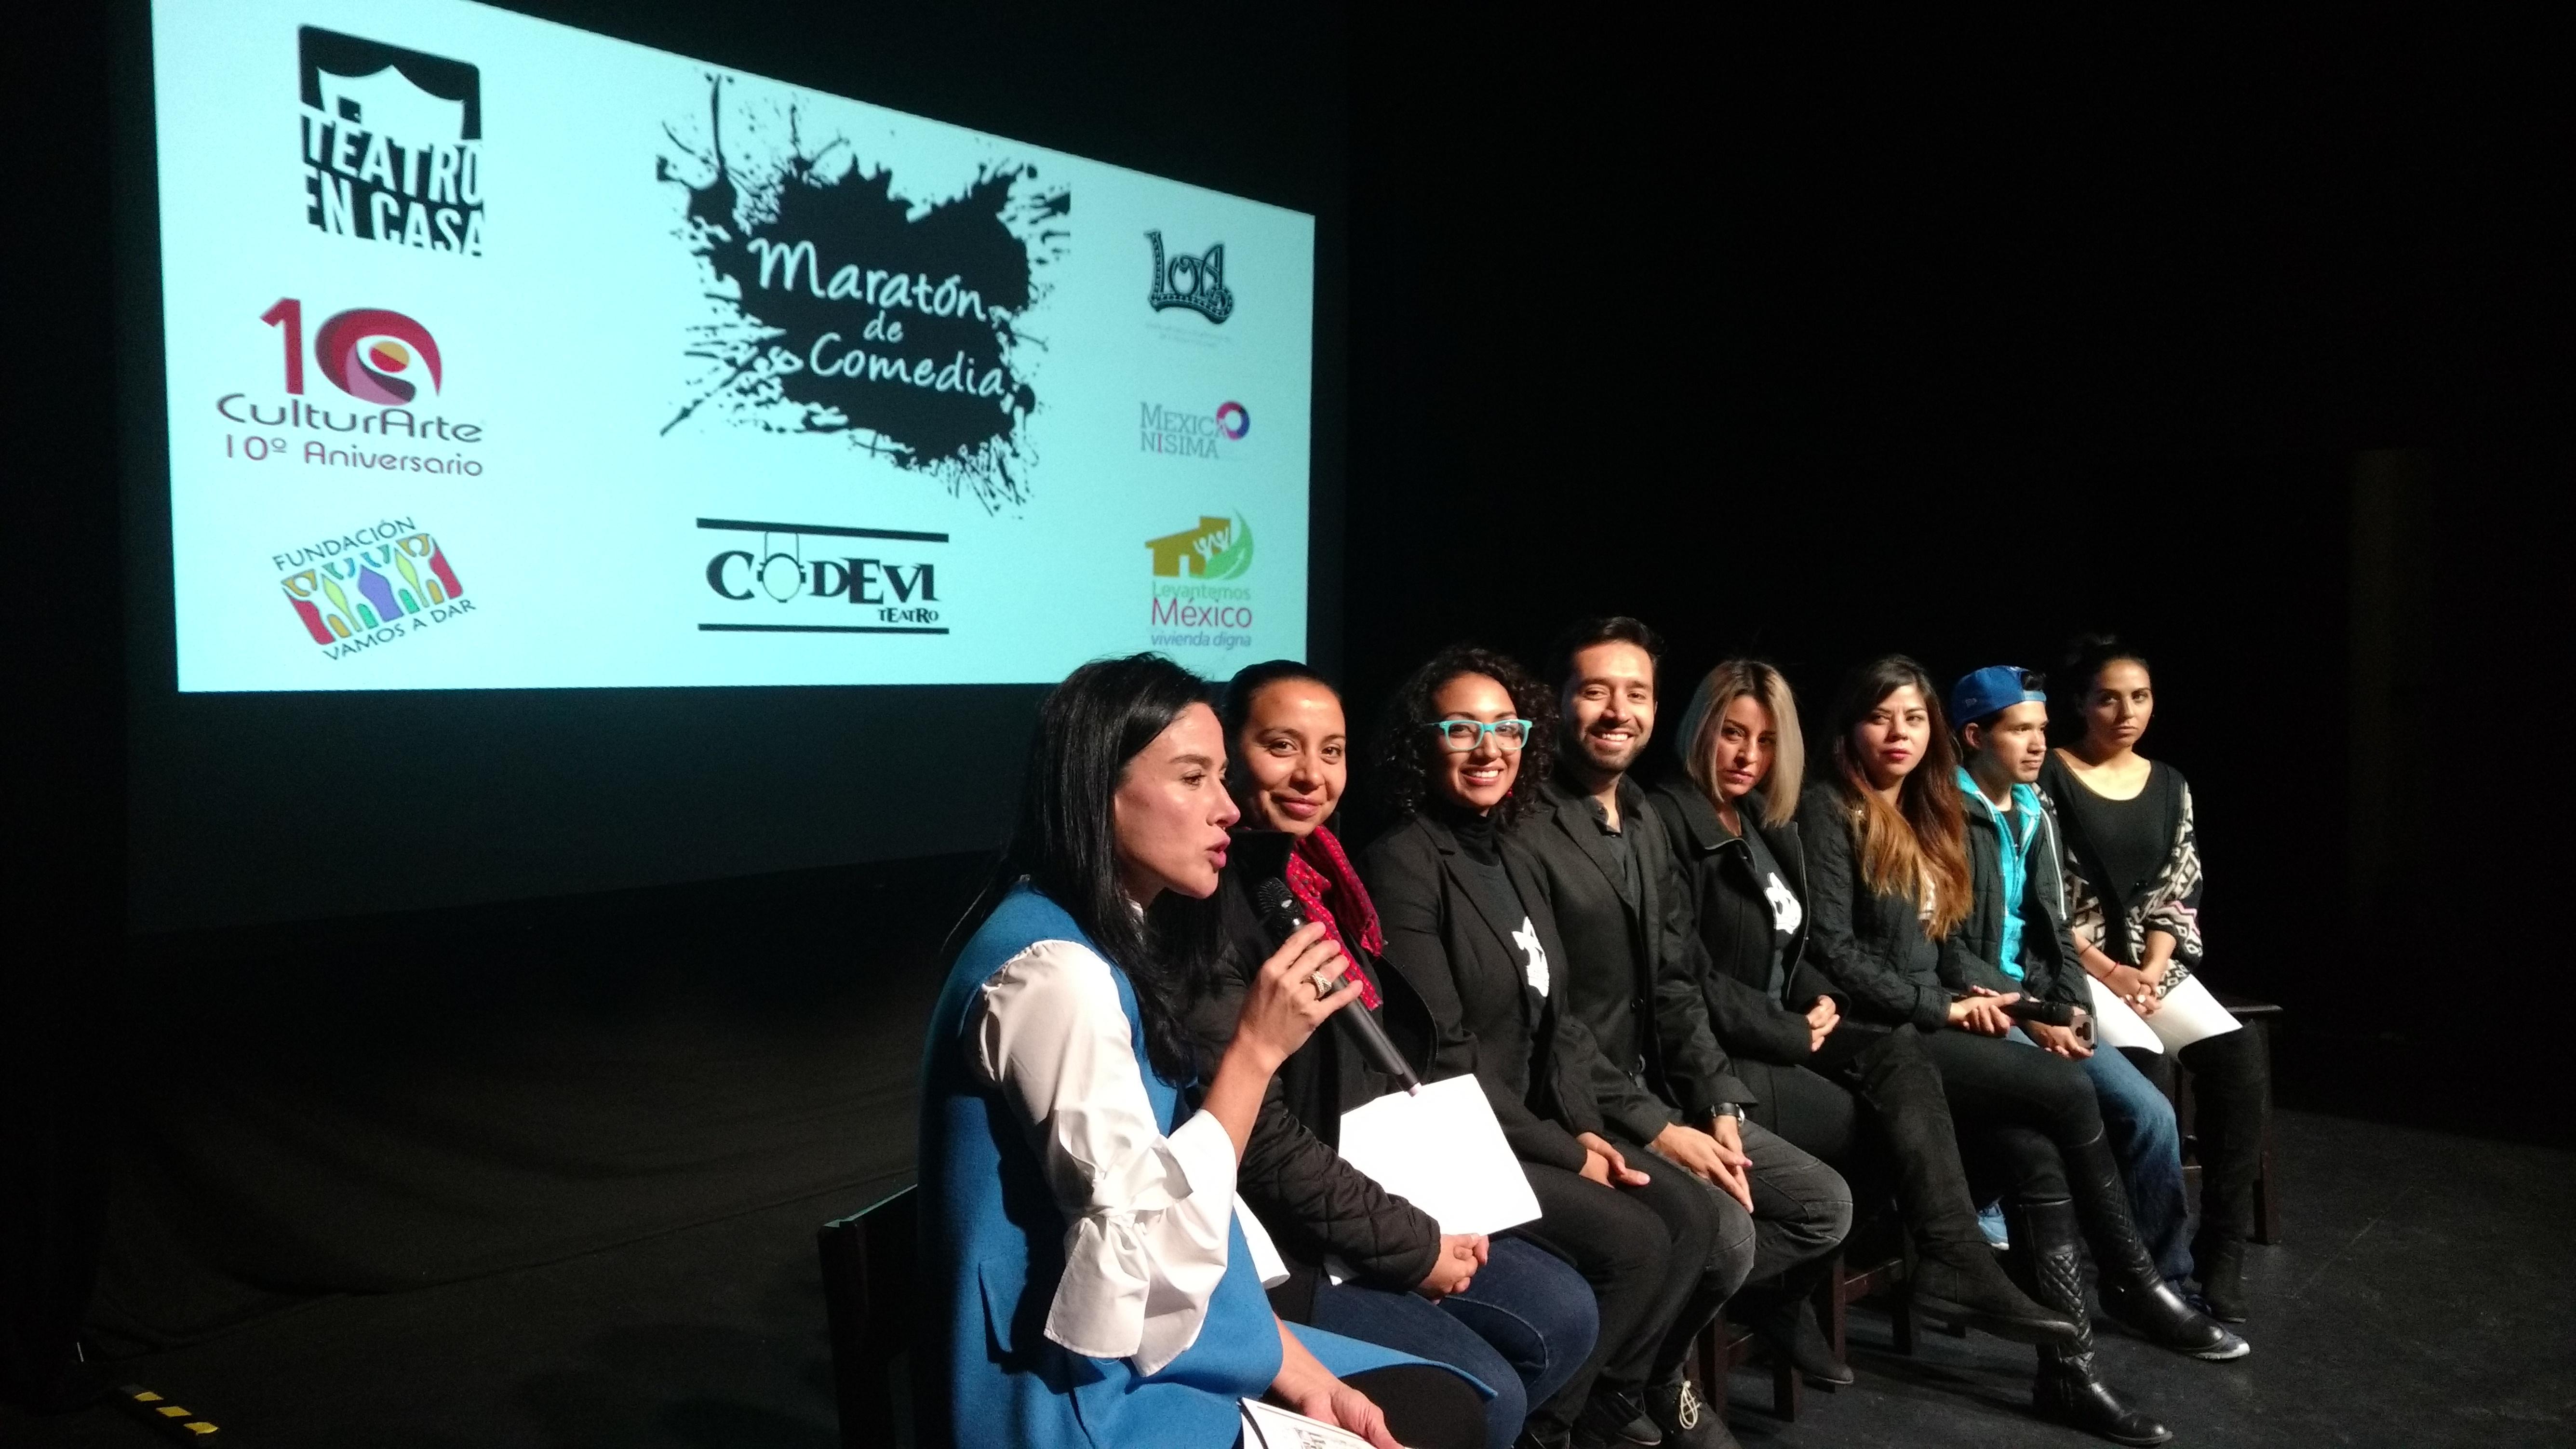 """La risa llenará Teatro Metepec con """"El maratón de comedia"""""""